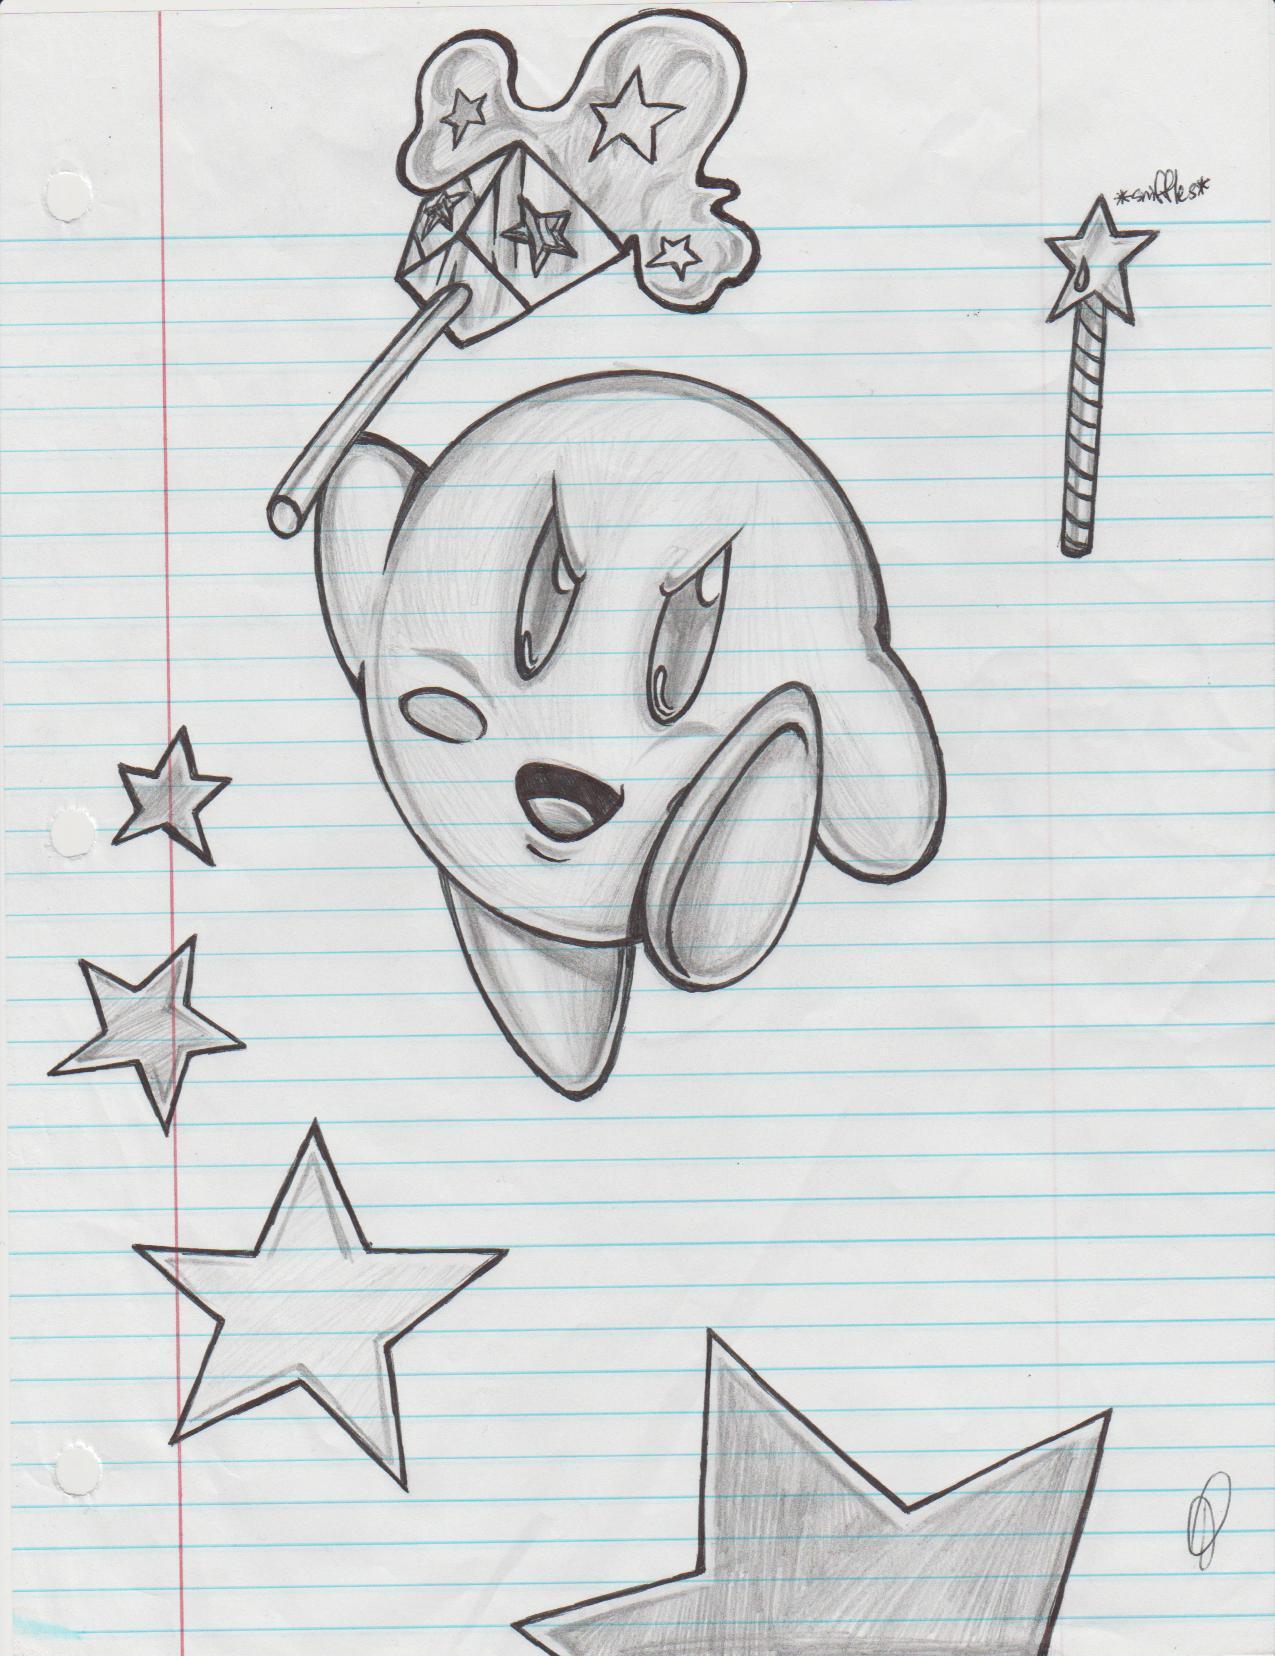 Kirby Fun